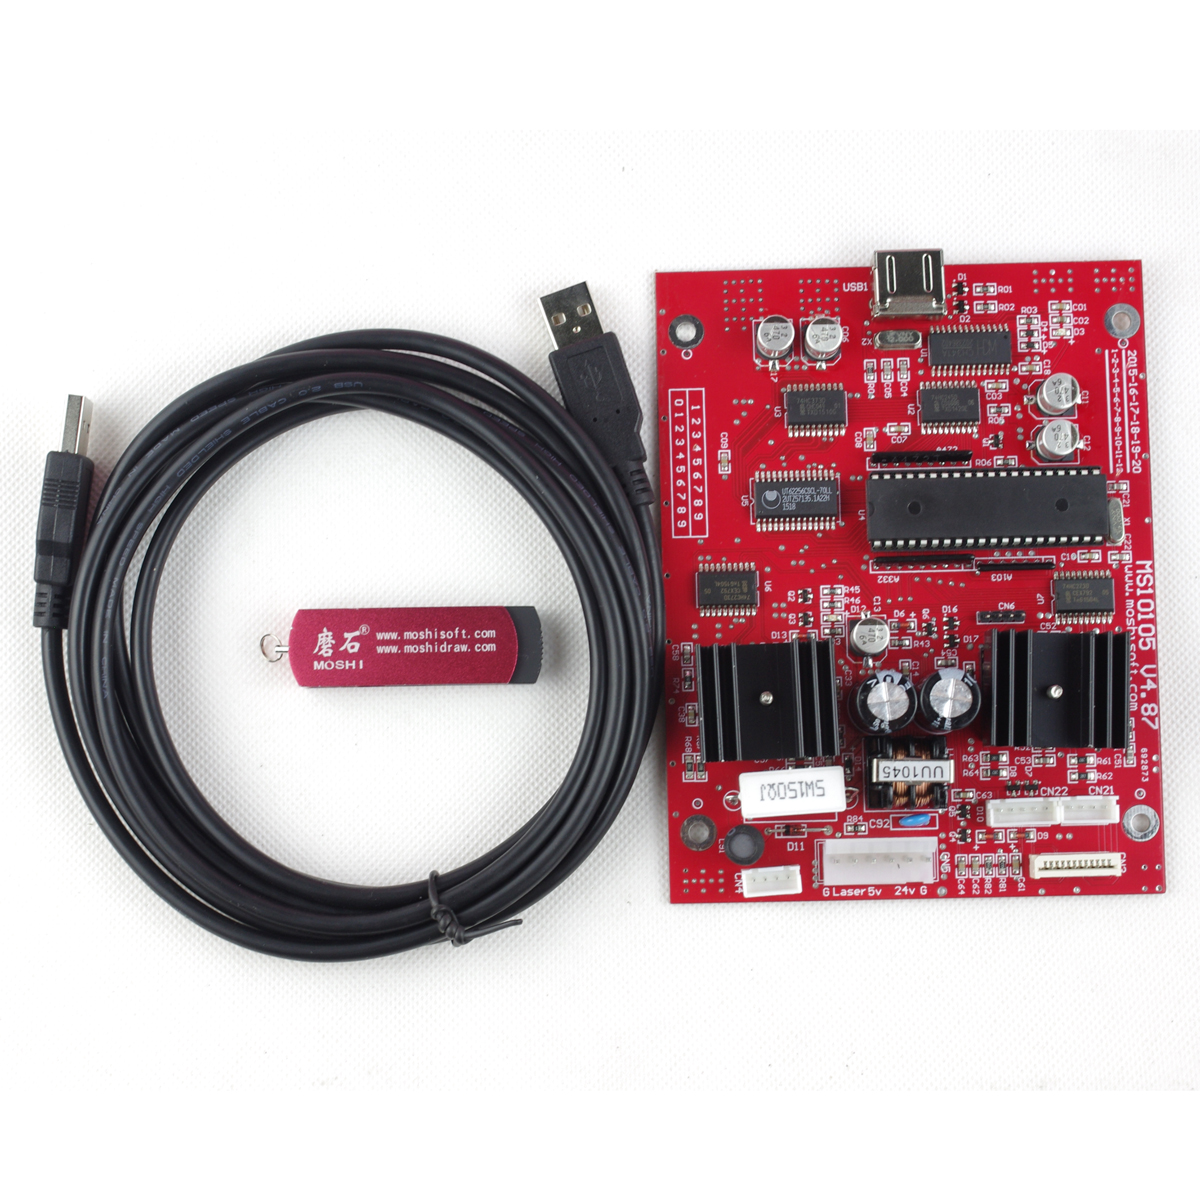 Cutter K40 ms10105 v4.87 Carte Principale + Chinois Logiciel pour Laser Marqueur Traceur Graveur